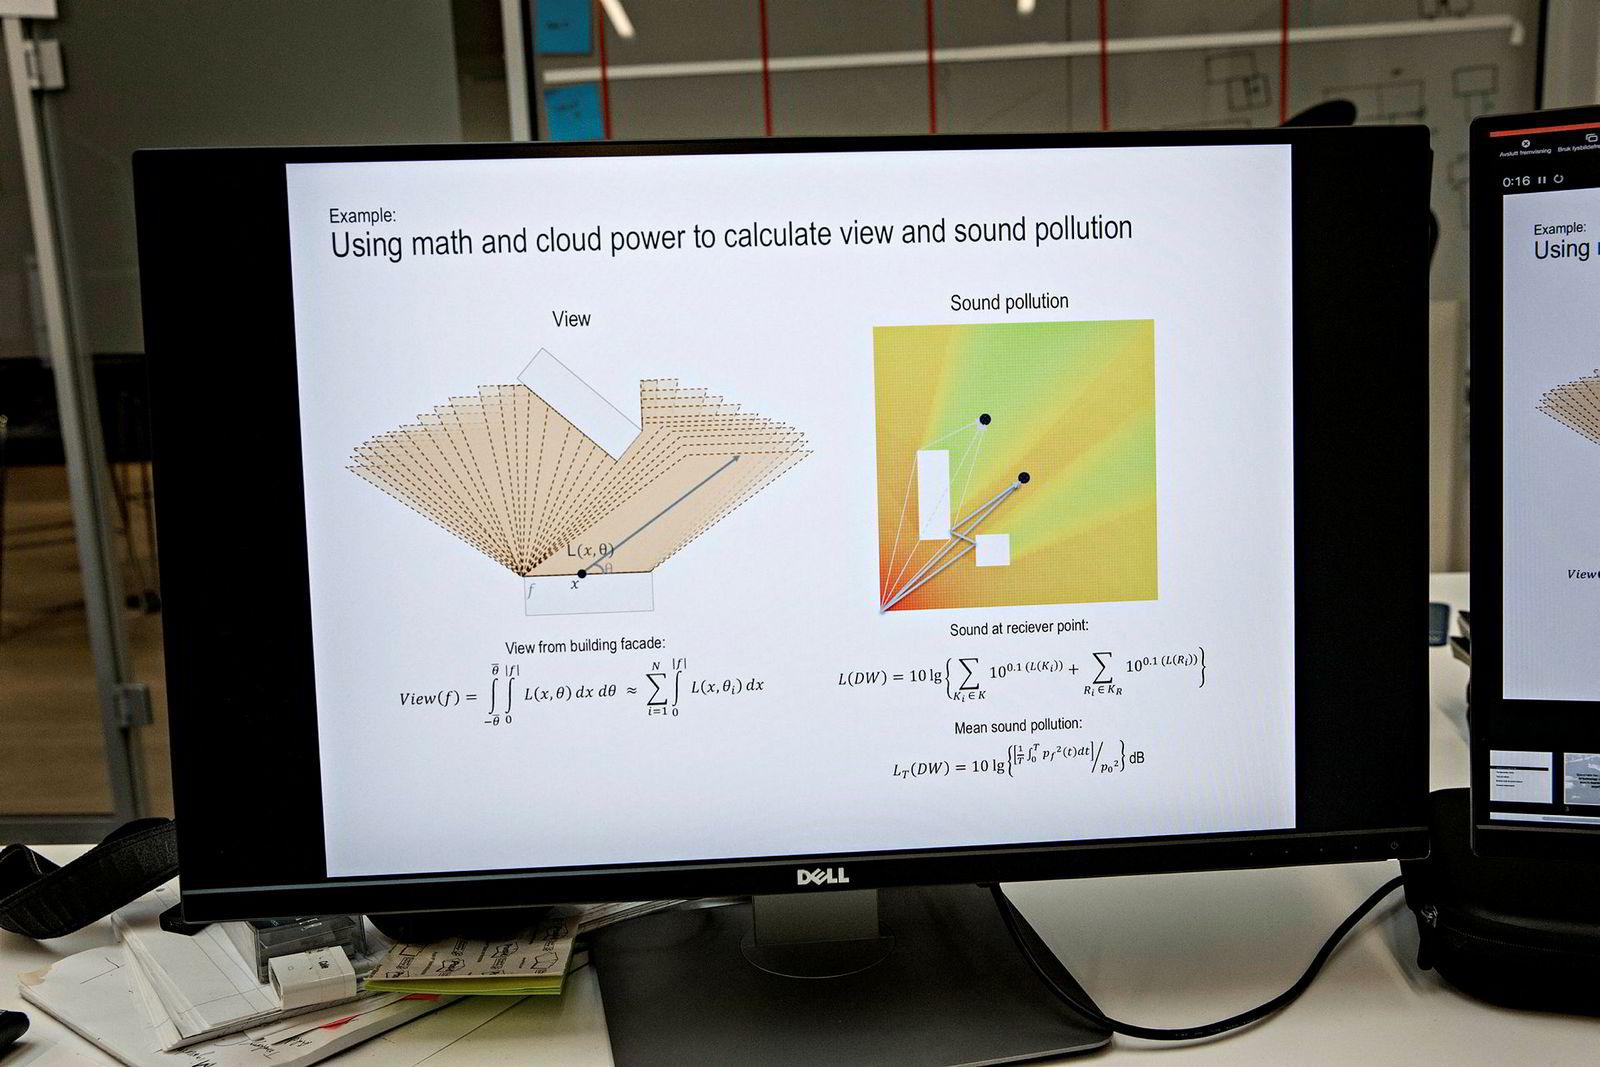 Mye av Spacemakers arbeid handler om å kunne uttrykke kvaliteter ved et byggeprosjekt som matematiske formler. Til venstre ser du formelen for god utsikt. Til høyre formelen for lydforurensning.